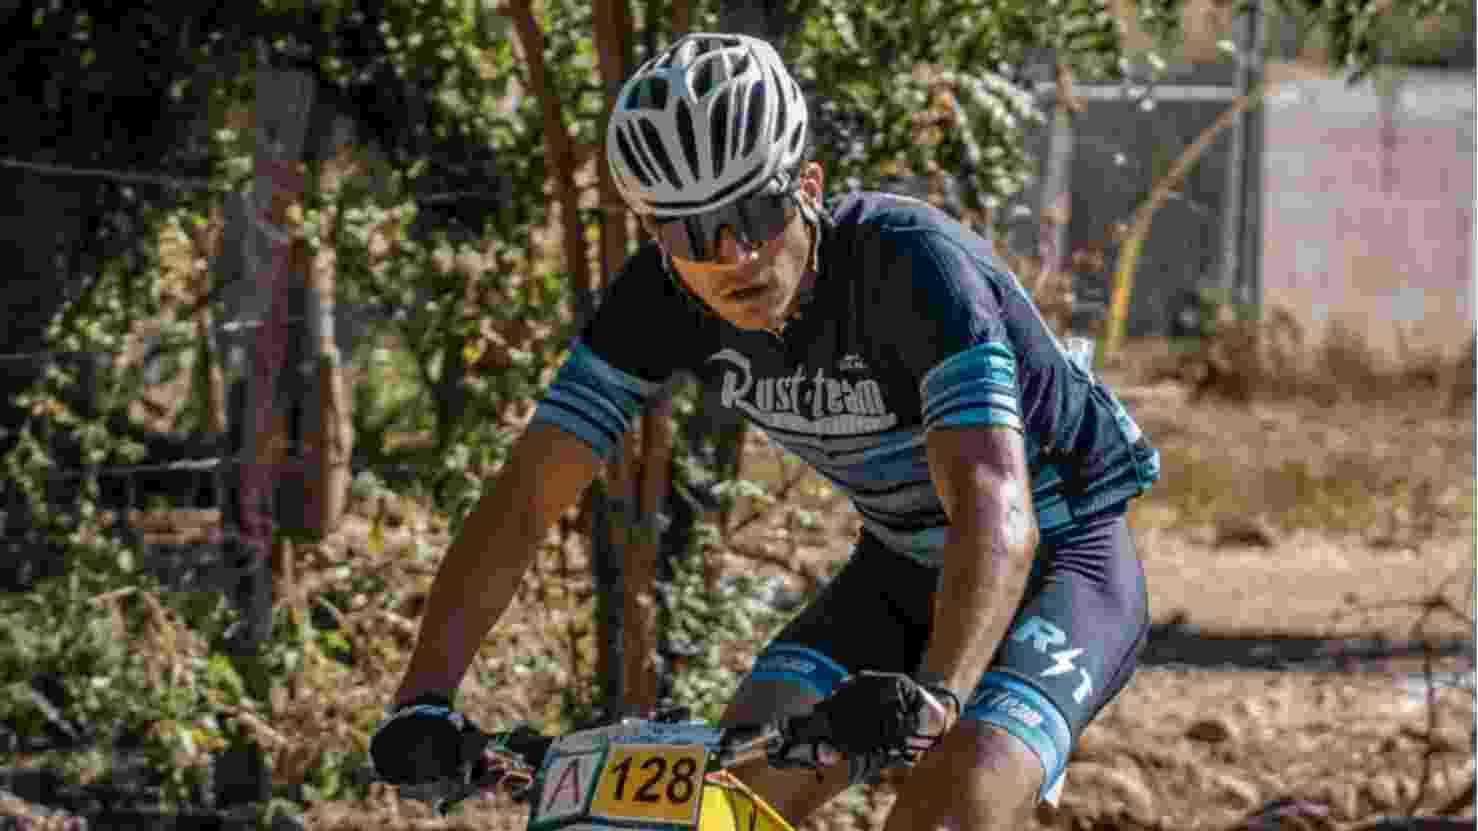 Под Новороссийском пройдет масштабная велогонка: съедутся спортсмены со всей России